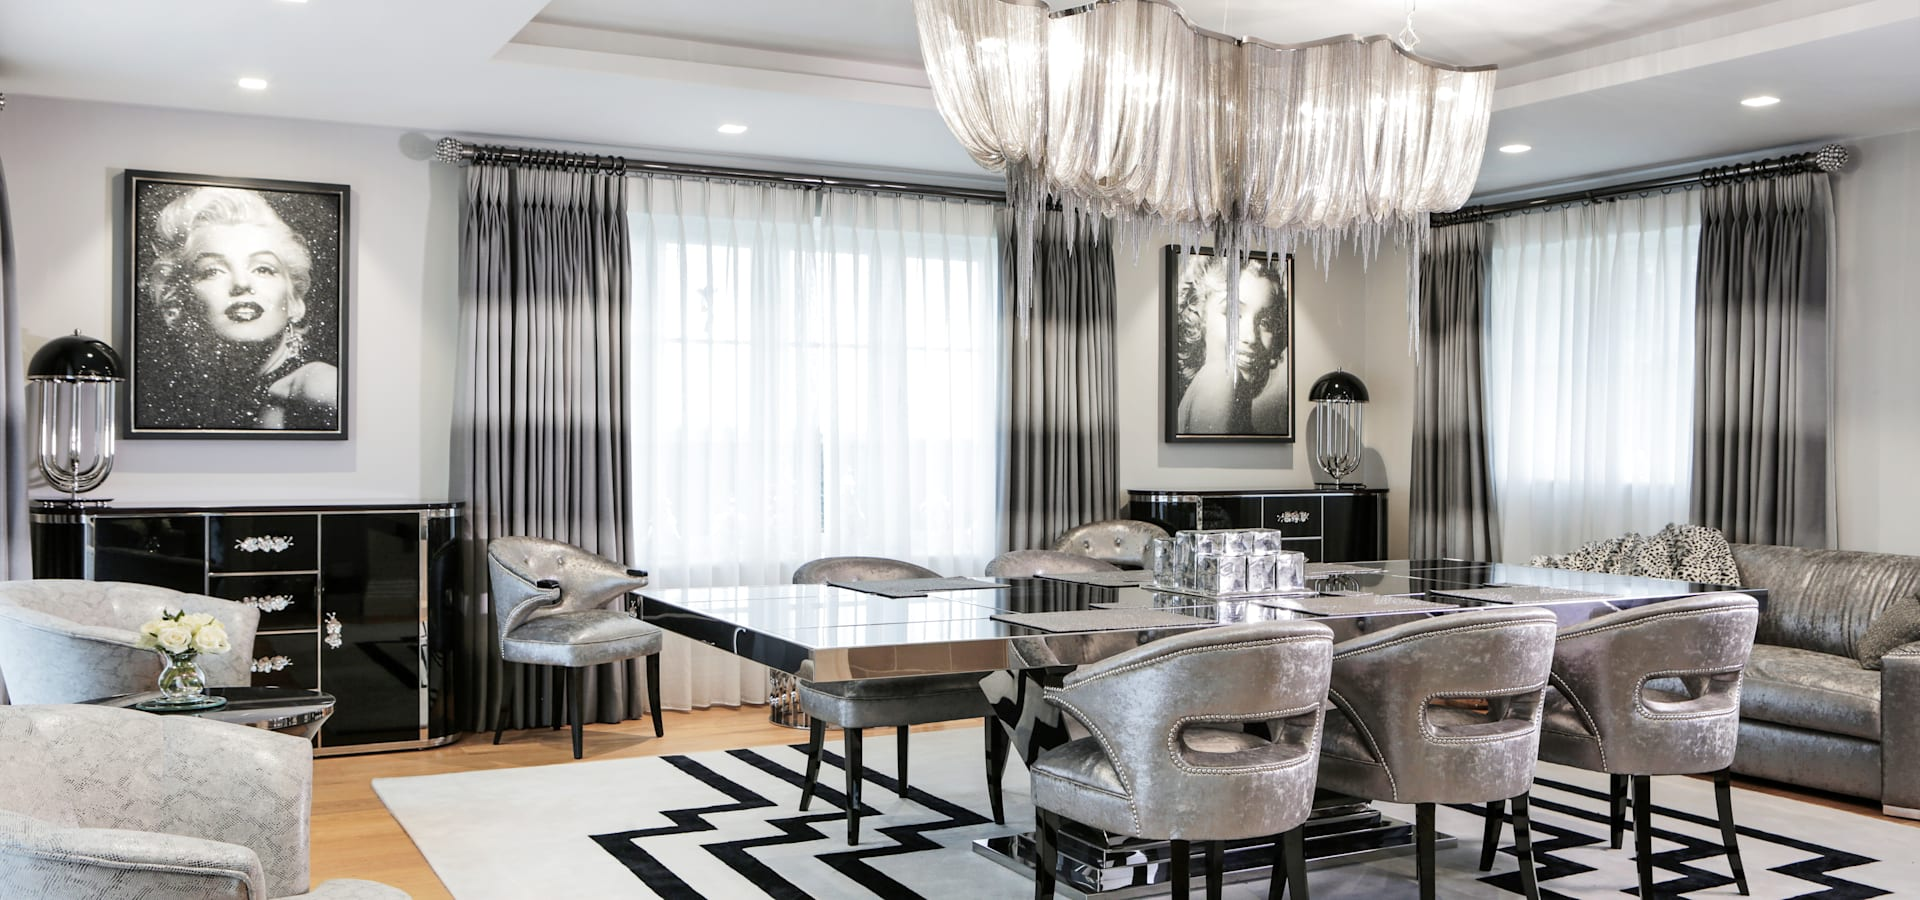 Peter Staunton Interior Design